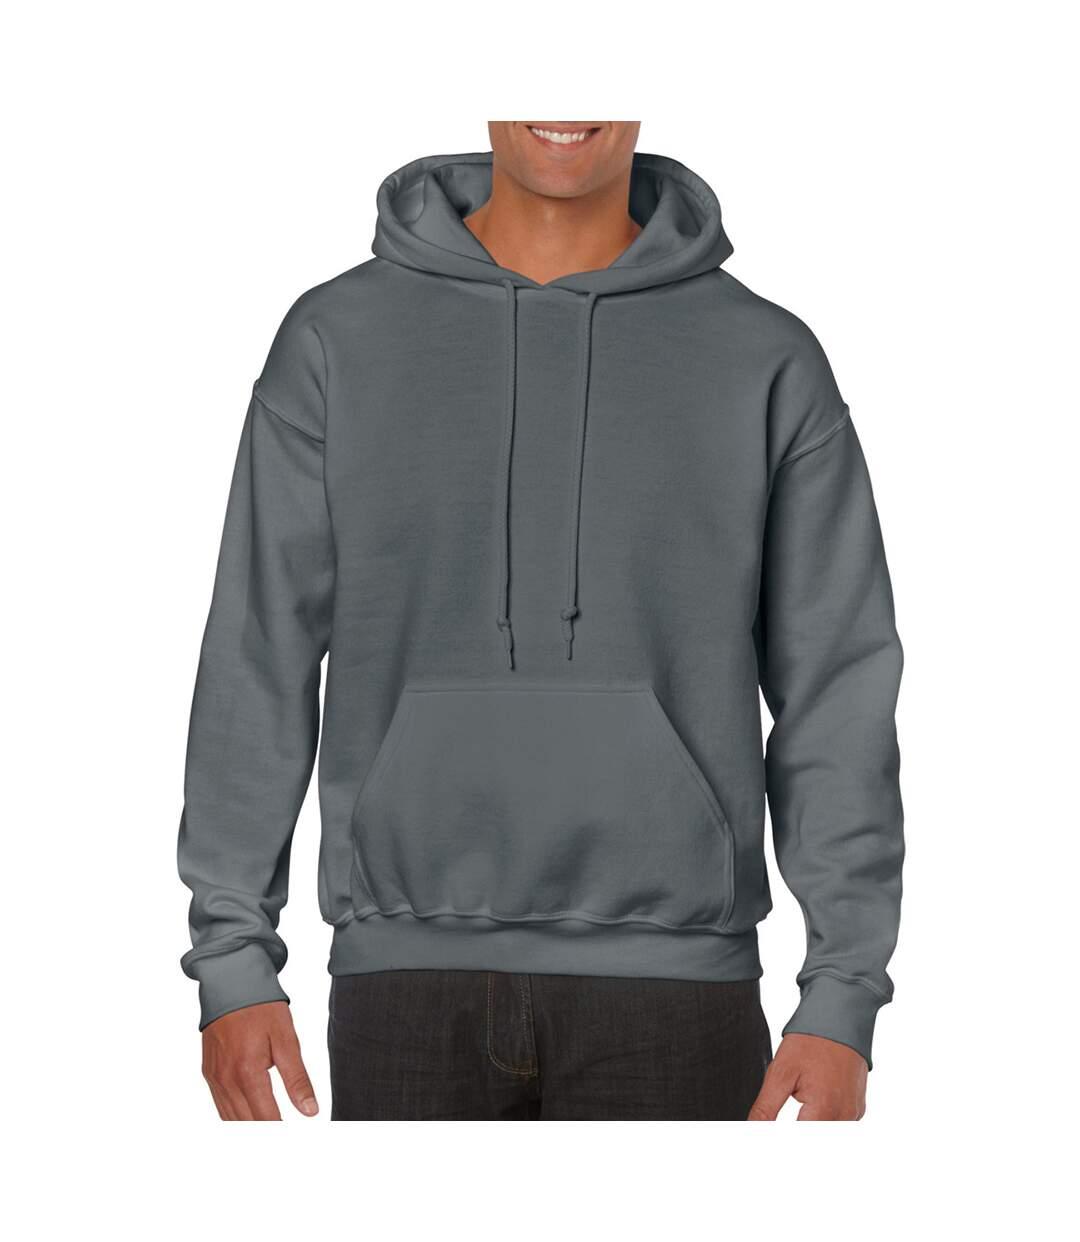 Gildan Heavy Blend Adult Unisex Hooded Sweatshirt / Hoodie (Heather Sport Scarlet Red) - UTBC468